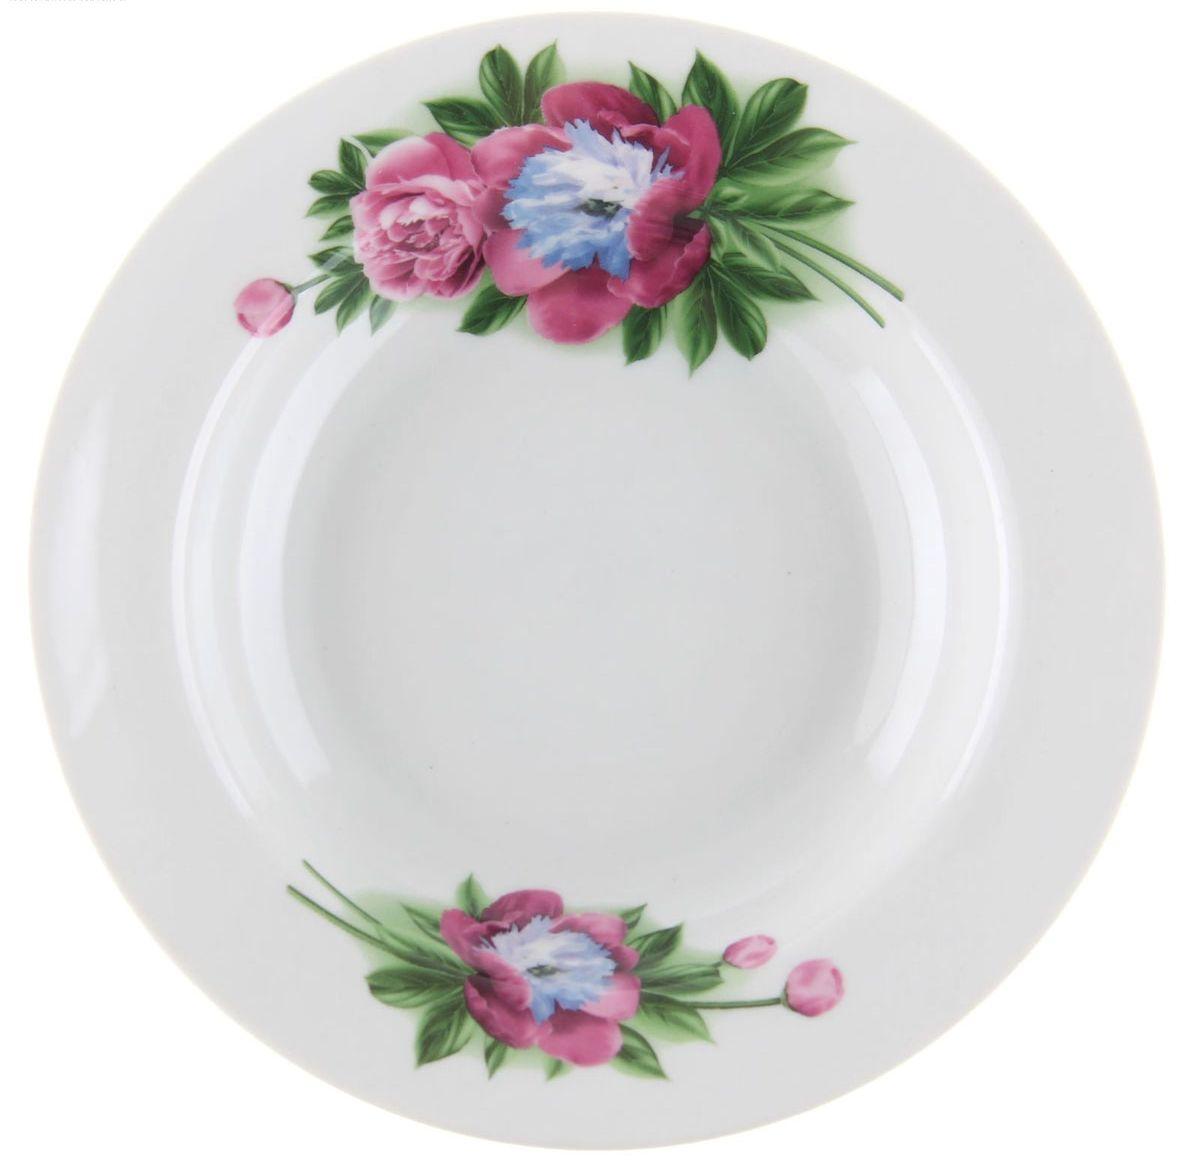 Тарелка глубокая Идиллия. Пион, диаметр 20 см1035443Глубокая тарелка Идиллия. Пион выполнена из высококачественного фарфора и украшена ярким рисунком. Она прекрасно впишется в интерьер вашей кухни и станет достойным дополнением к кухонному инвентарю. Тарелка Идиллия. Пион подчеркнет прекрасный вкус хозяйки и станет отличным подарком. Диаметр тарелки: 20 см.